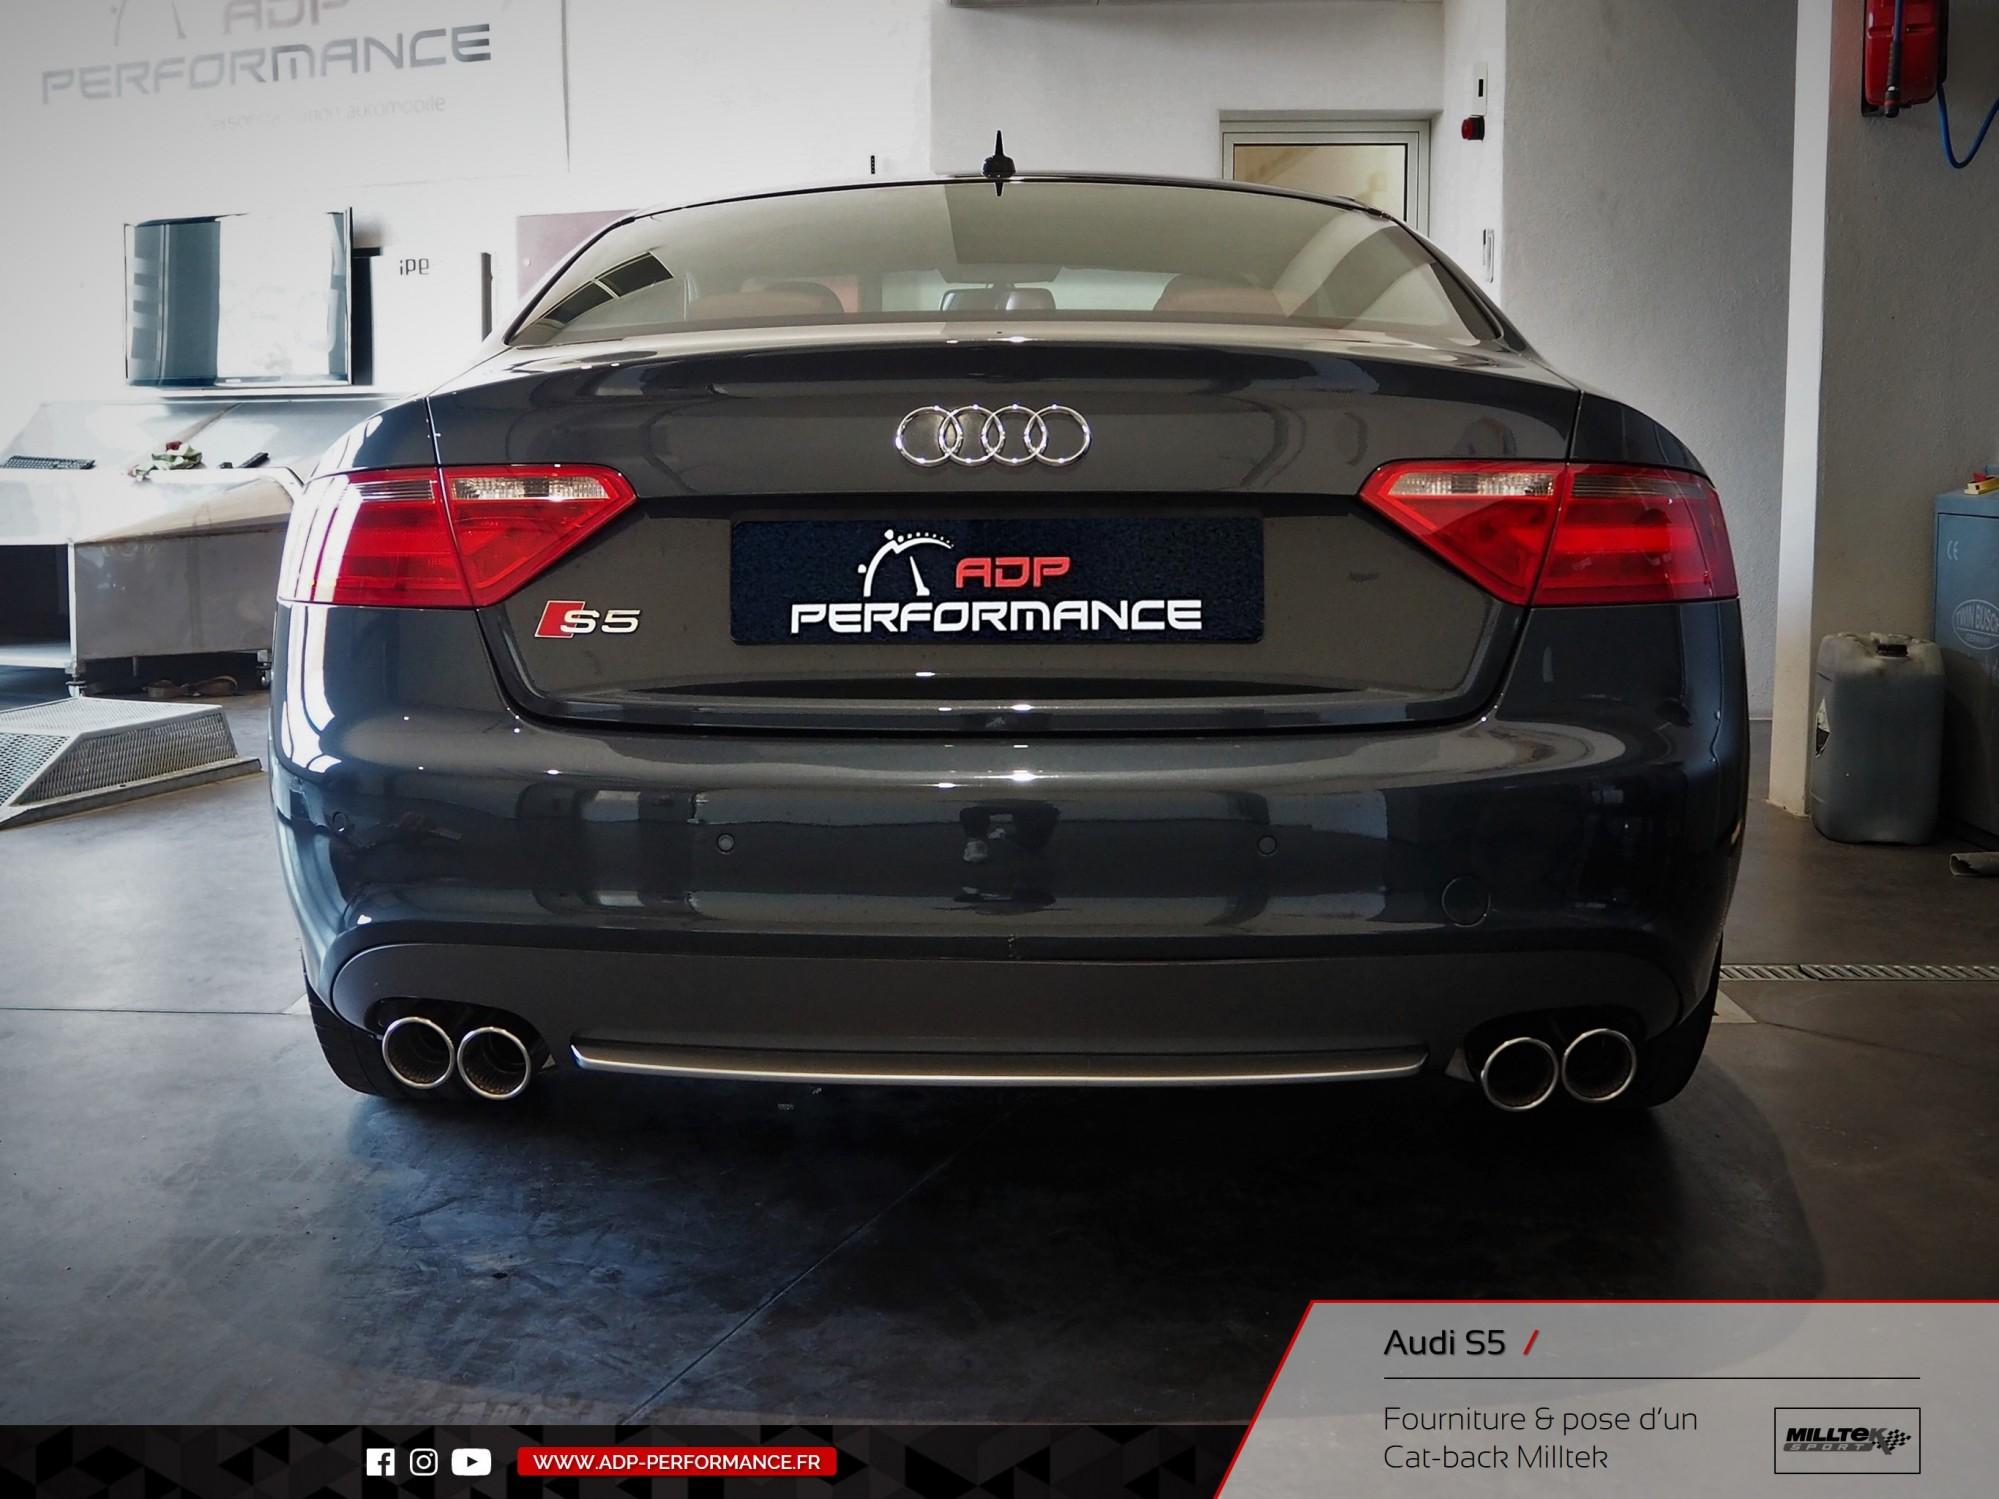 Ligne d'échappement Cat-back Milltek Audi S5 Aix en Provence - ADP Performance